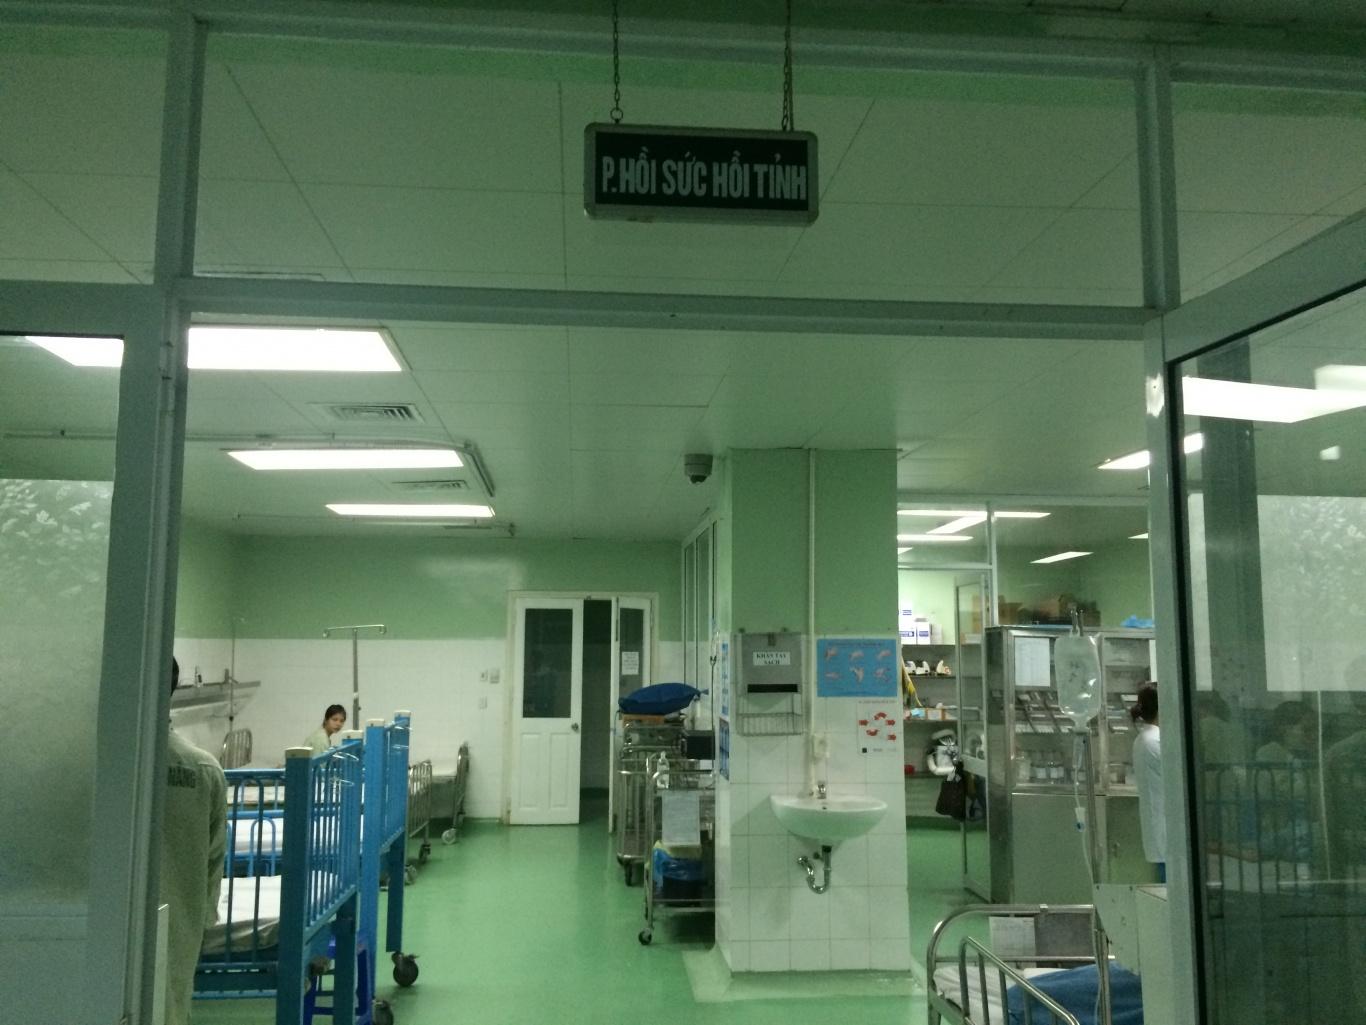 Dự án lắp đặt nút chuông gọi y tá WS-100 khoa gây mê hồi sức BVPS nhi Đà Nẵng